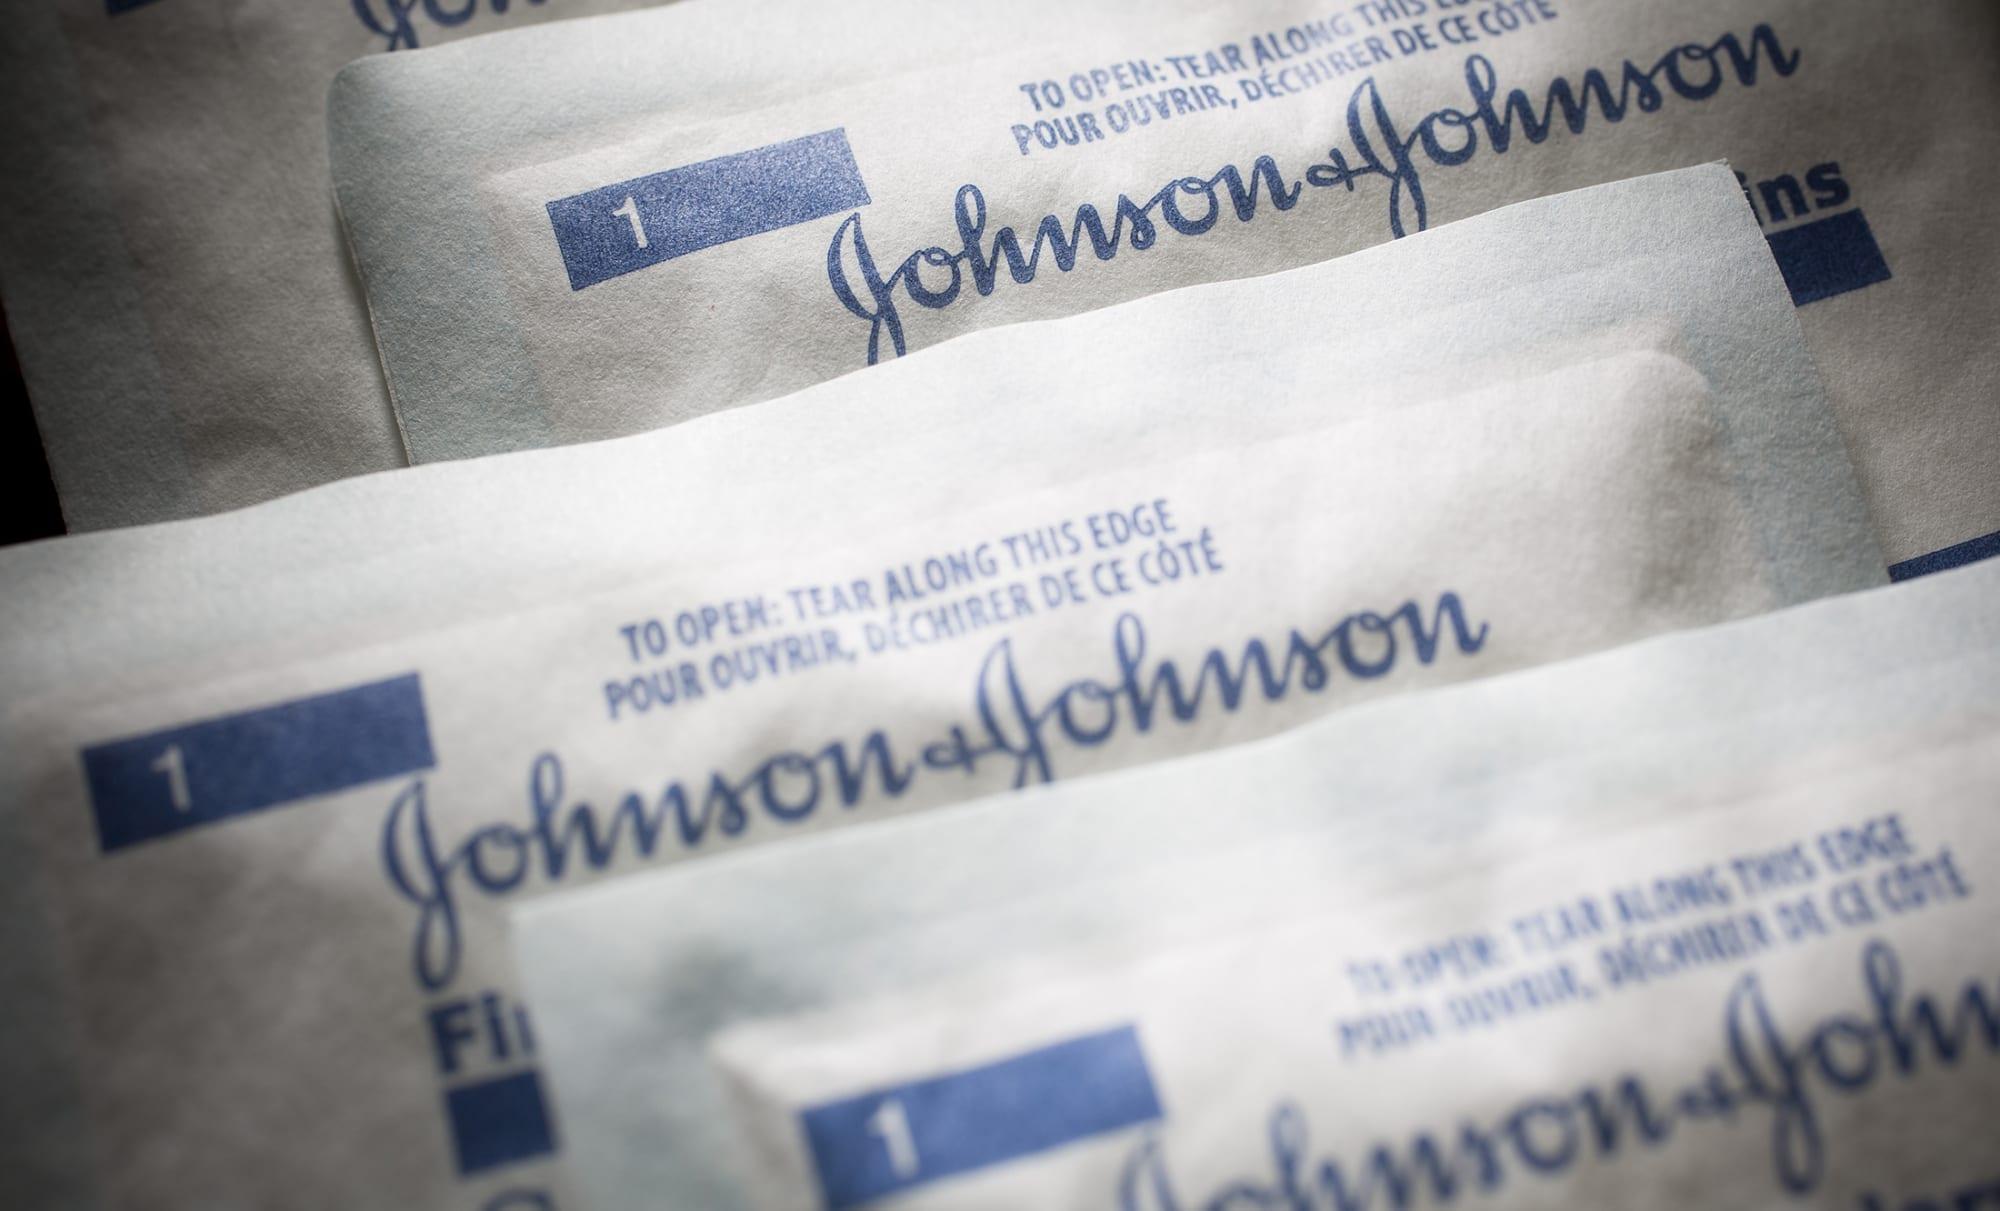 Johnson & Johnson packaging; image courtesy of Scott Eells/Bloomberg.